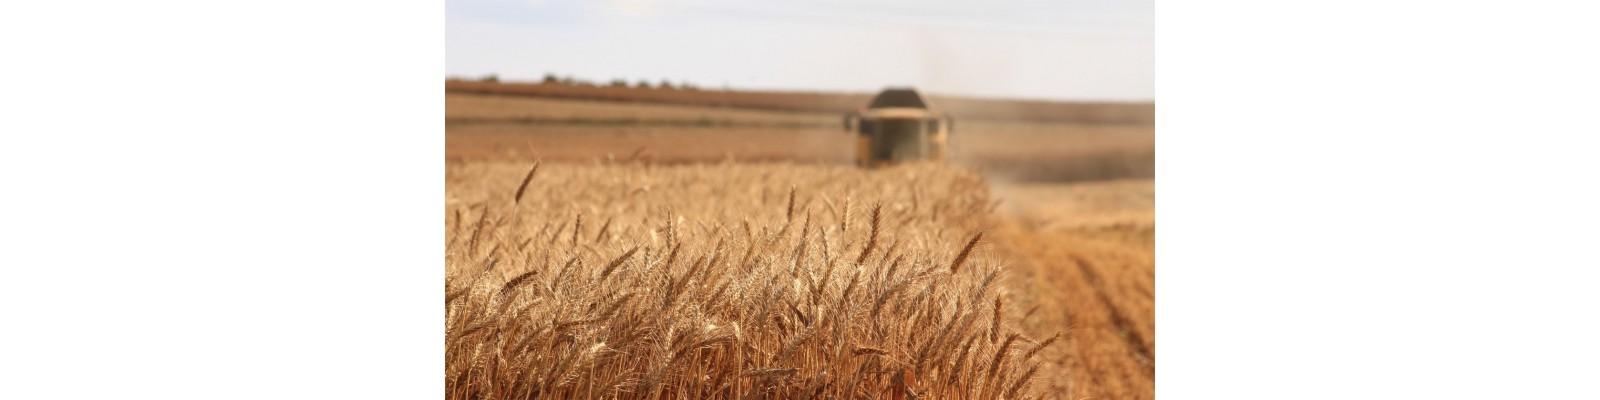 Simptomele carentei de fosfor la cereale